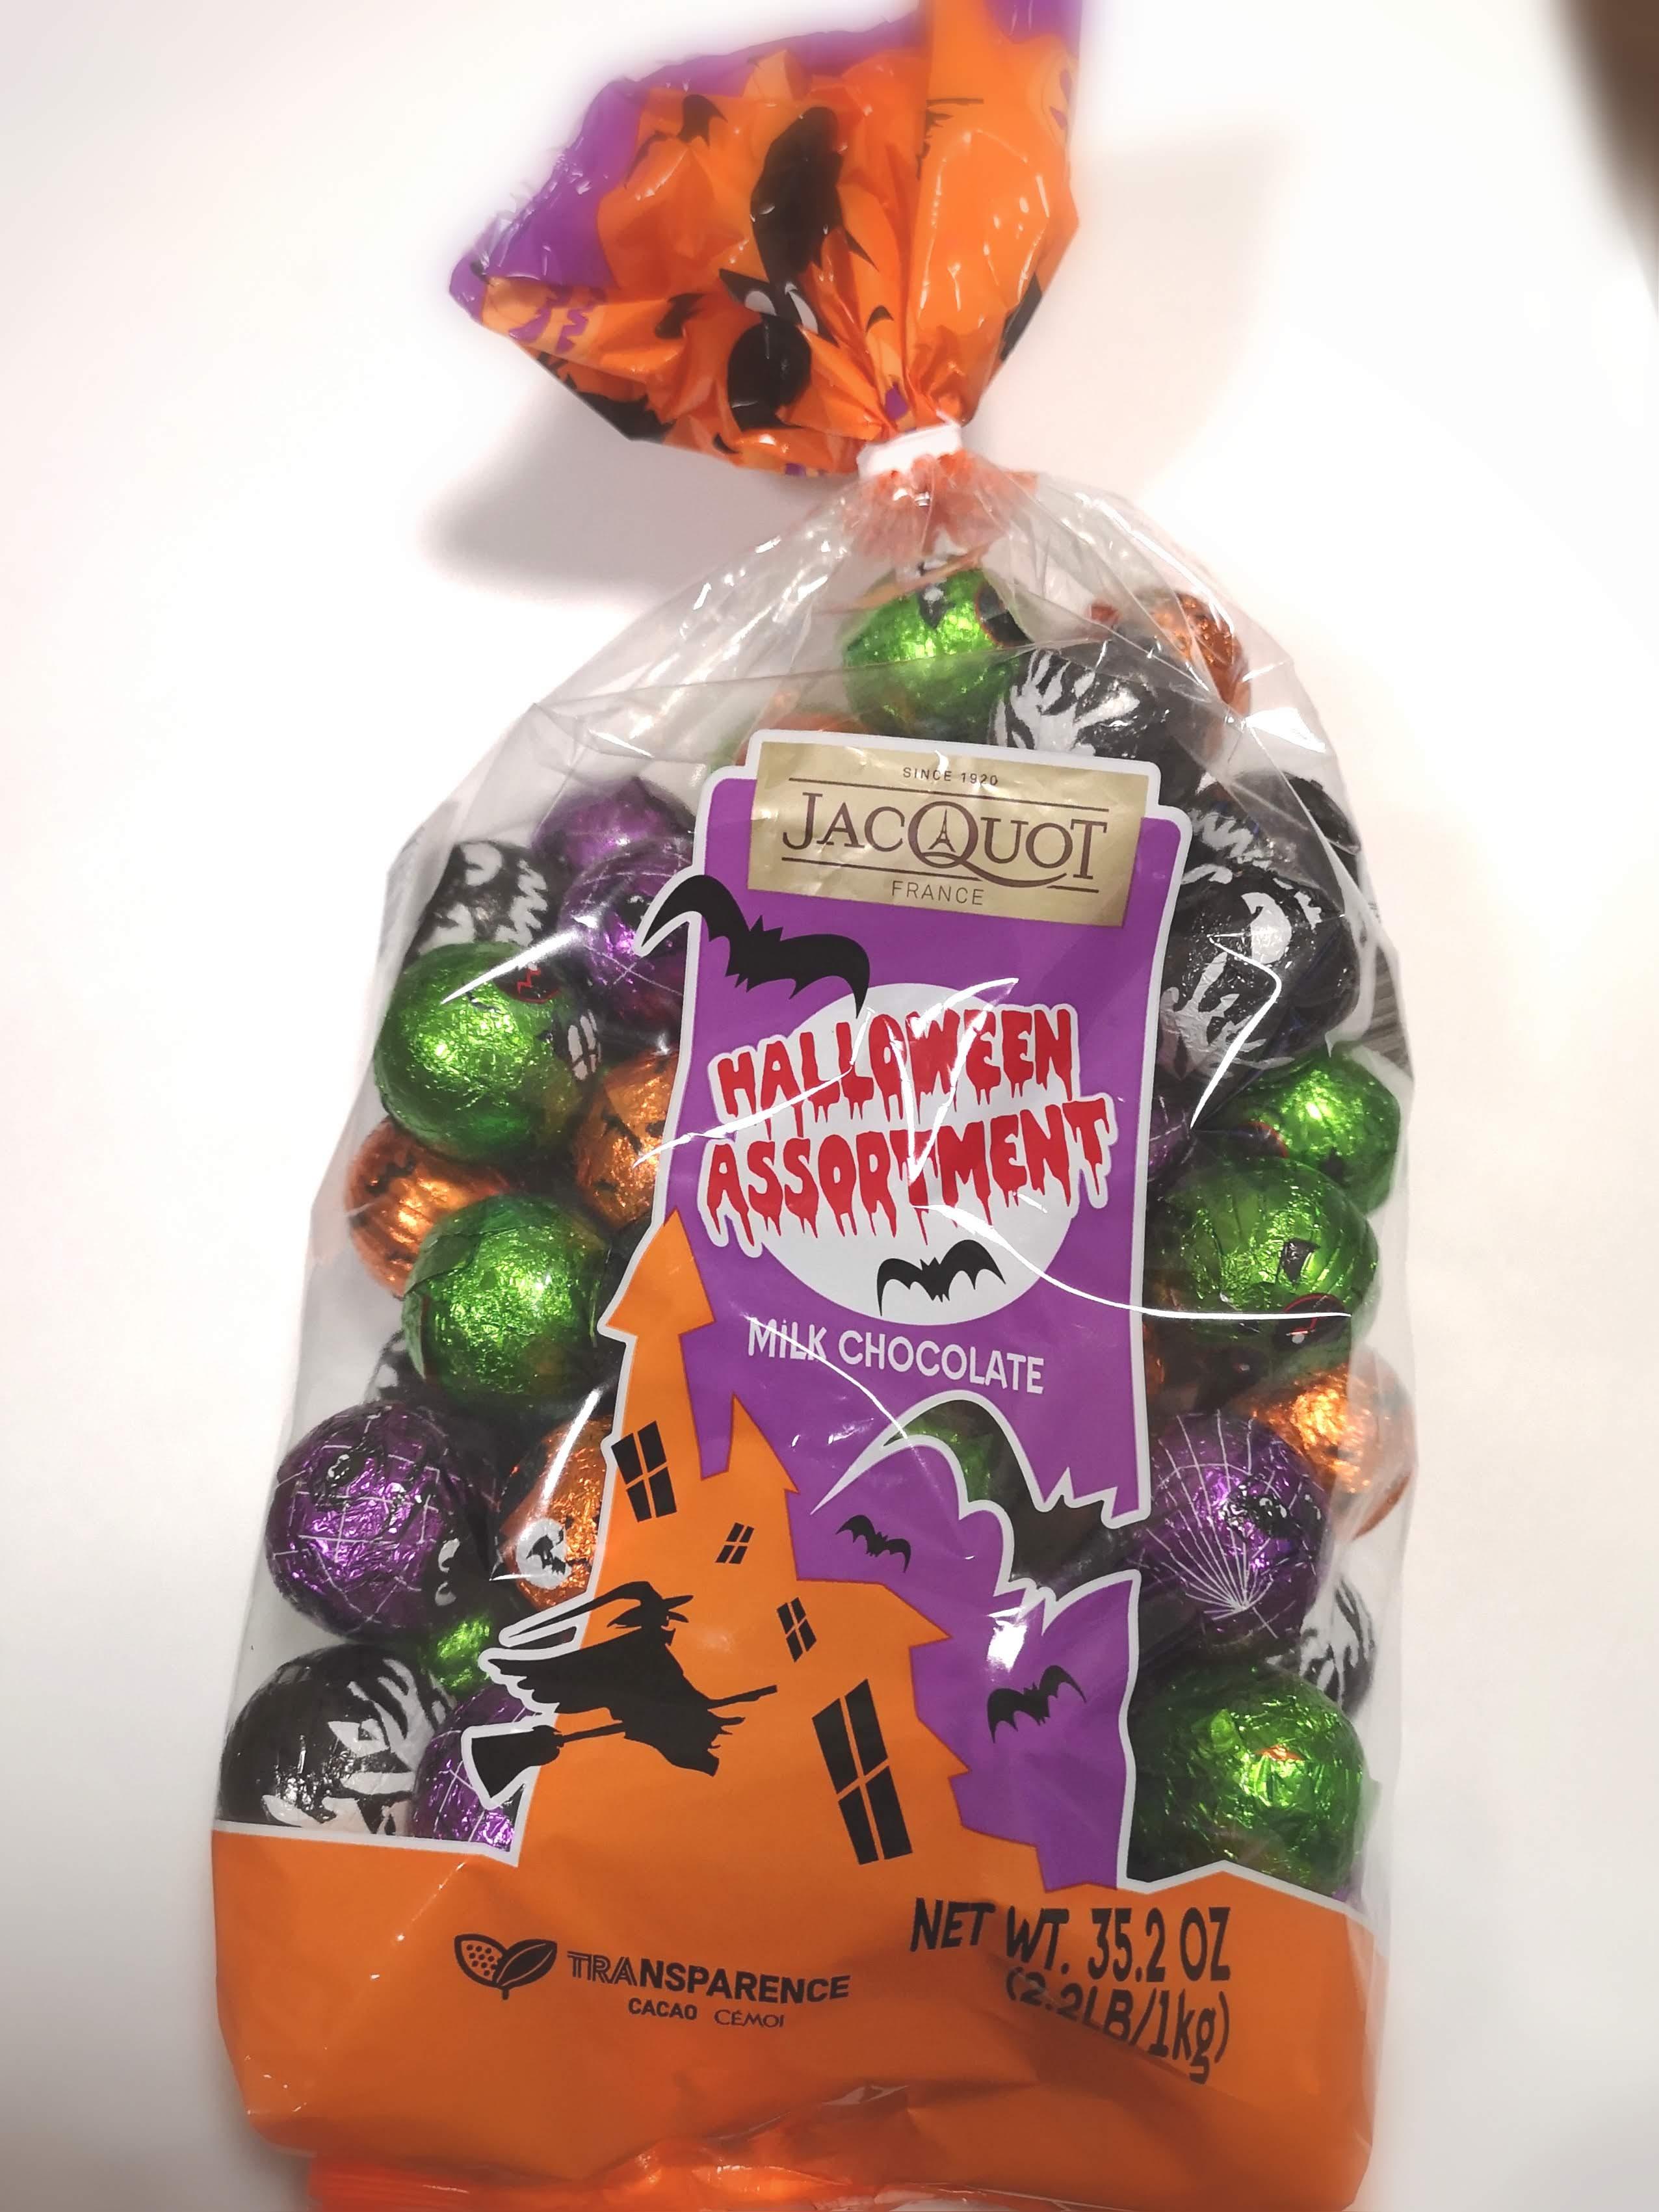 【コストコ】「JACQUOT」のチョコレートでハロウィーンを楽しもう